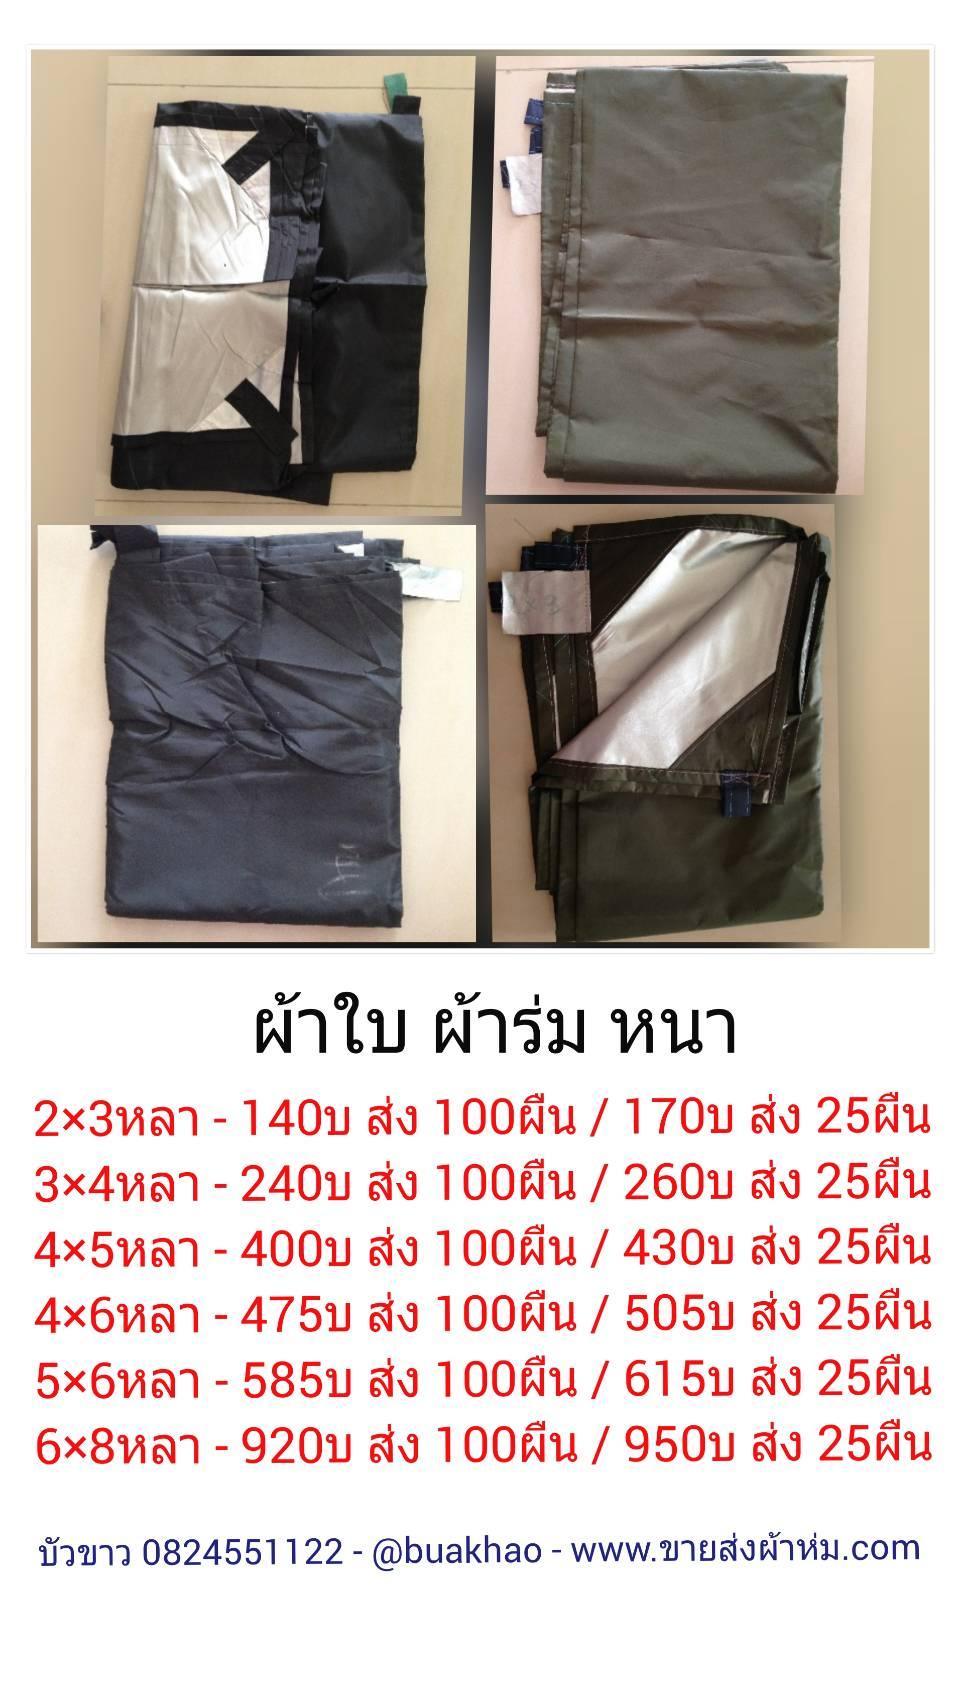 ผ้าใบ ผ้าห่ม หนา 5x6หลา - ผืนละ 615บ ส่ง 25ผืน